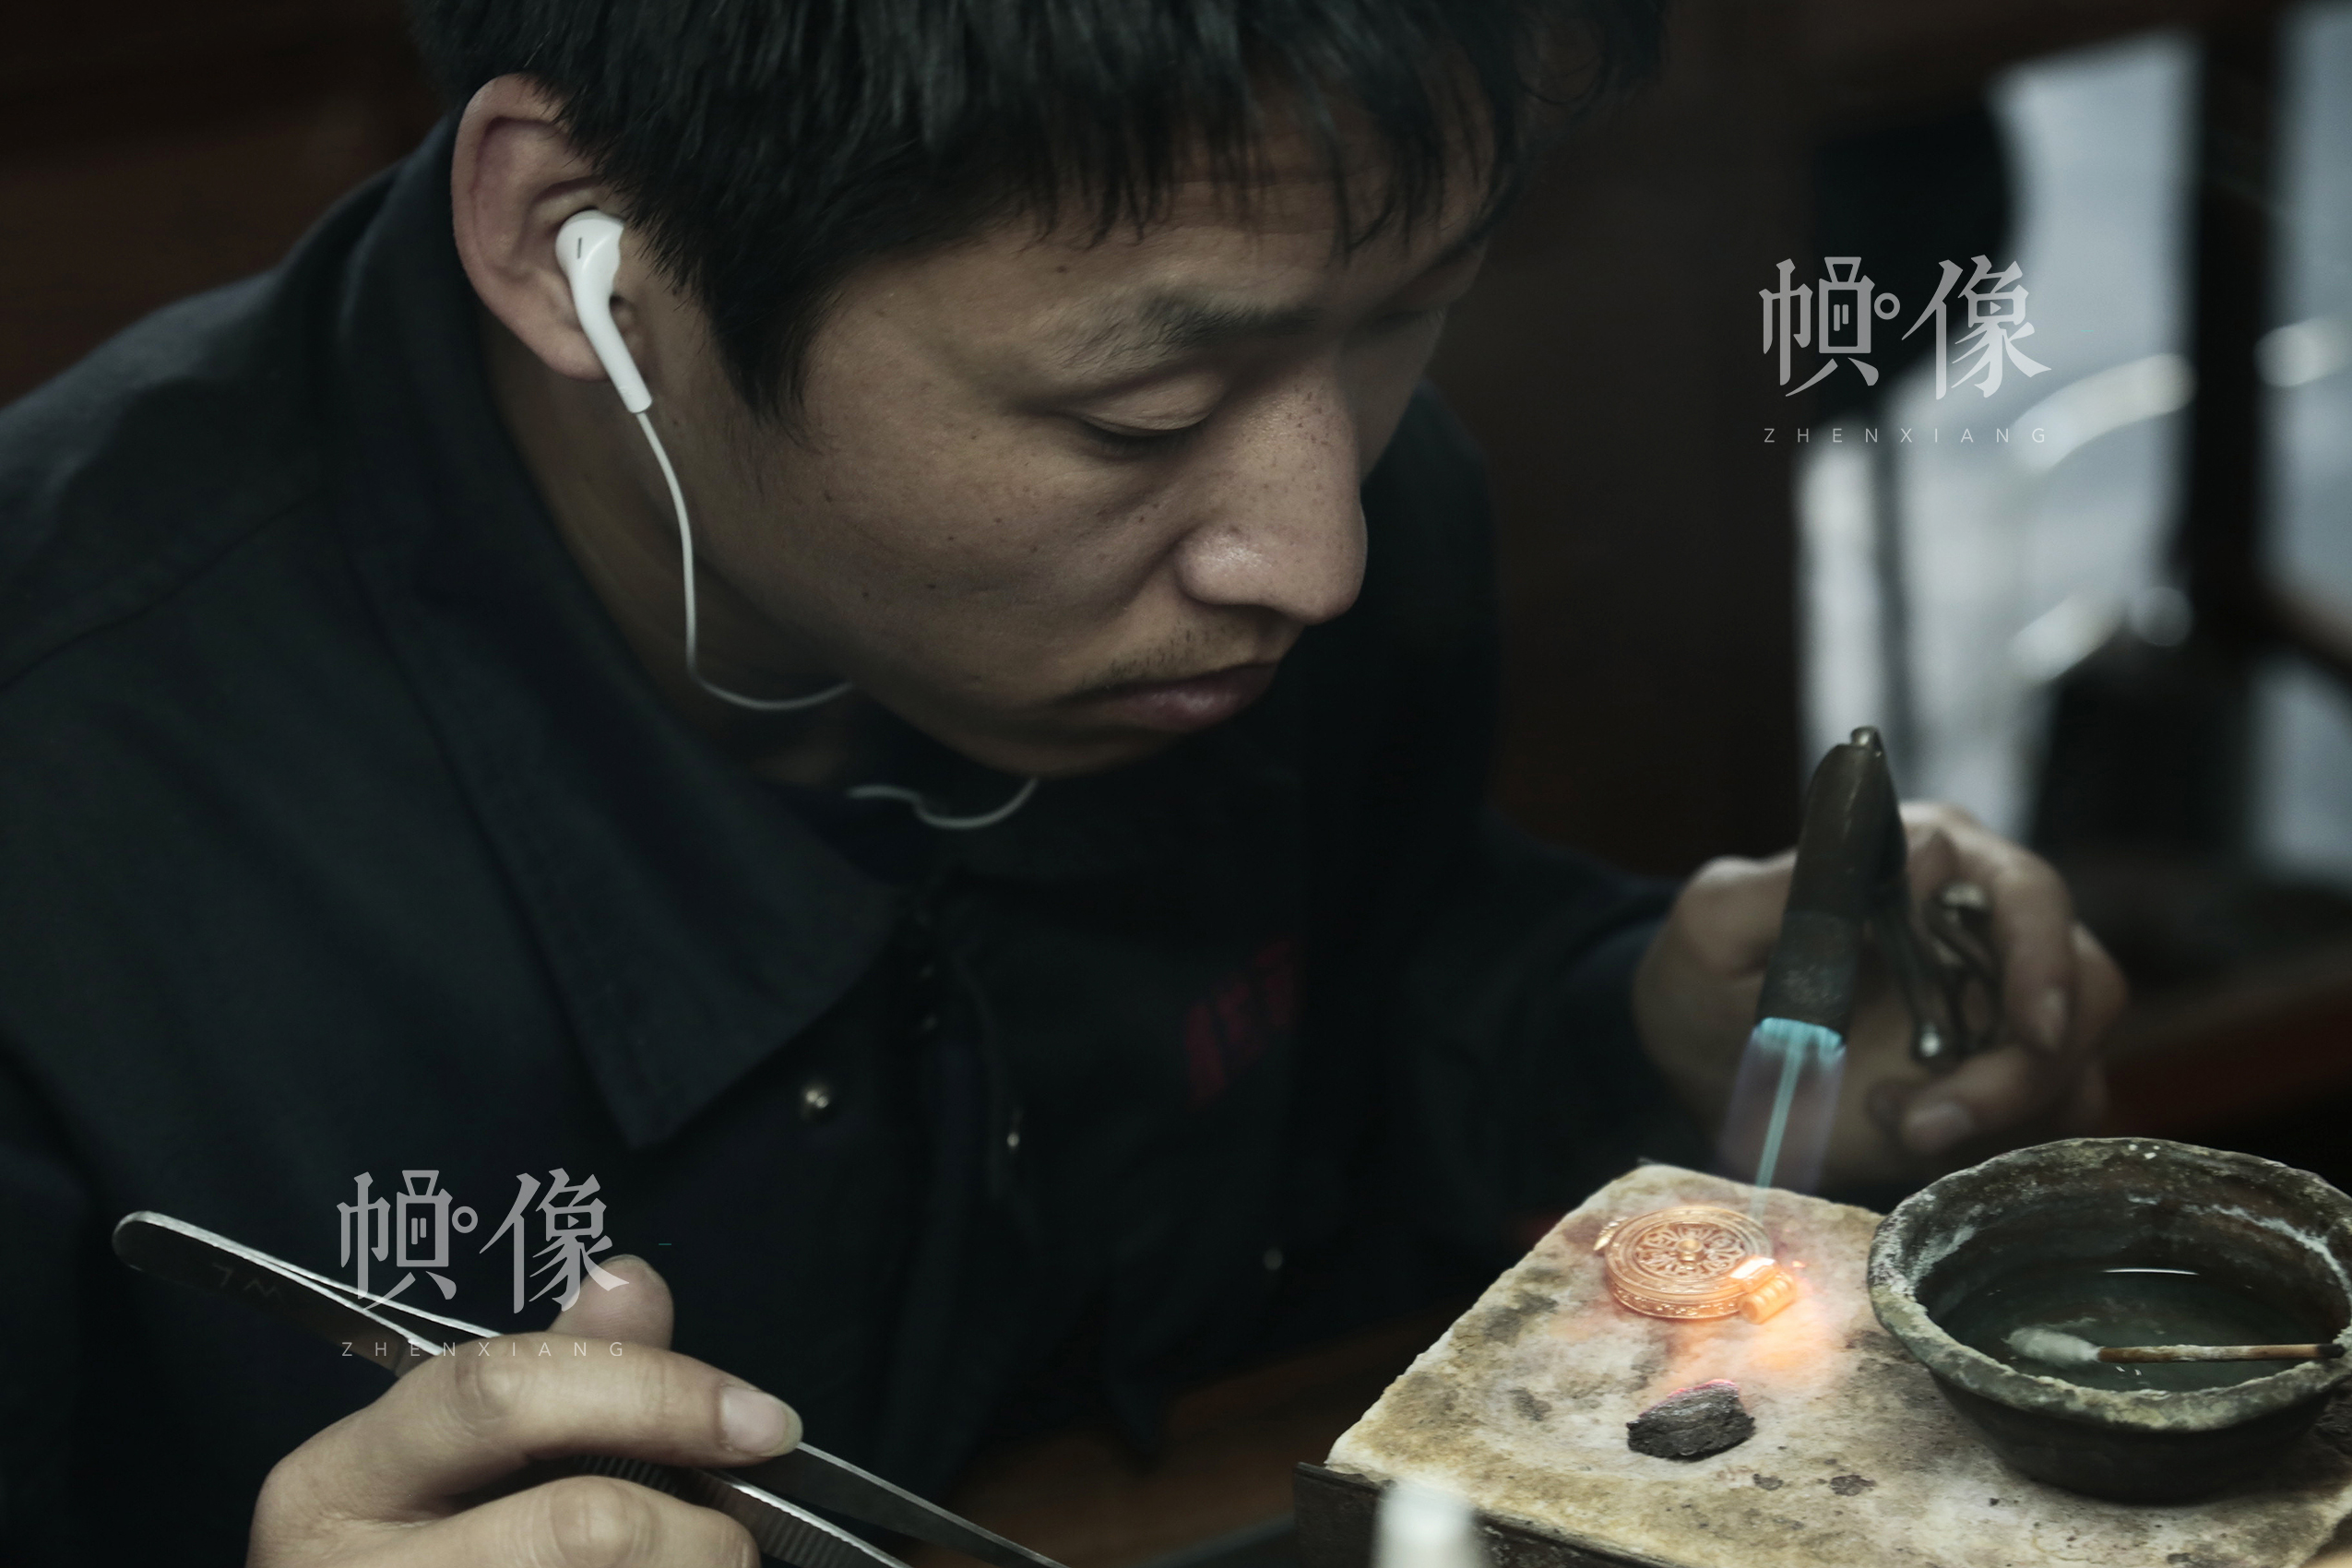 2018年3月3日,北京工美集团的一名青年工匠进行传统的工艺品制作。中国网实习记者 张颖颖 摄